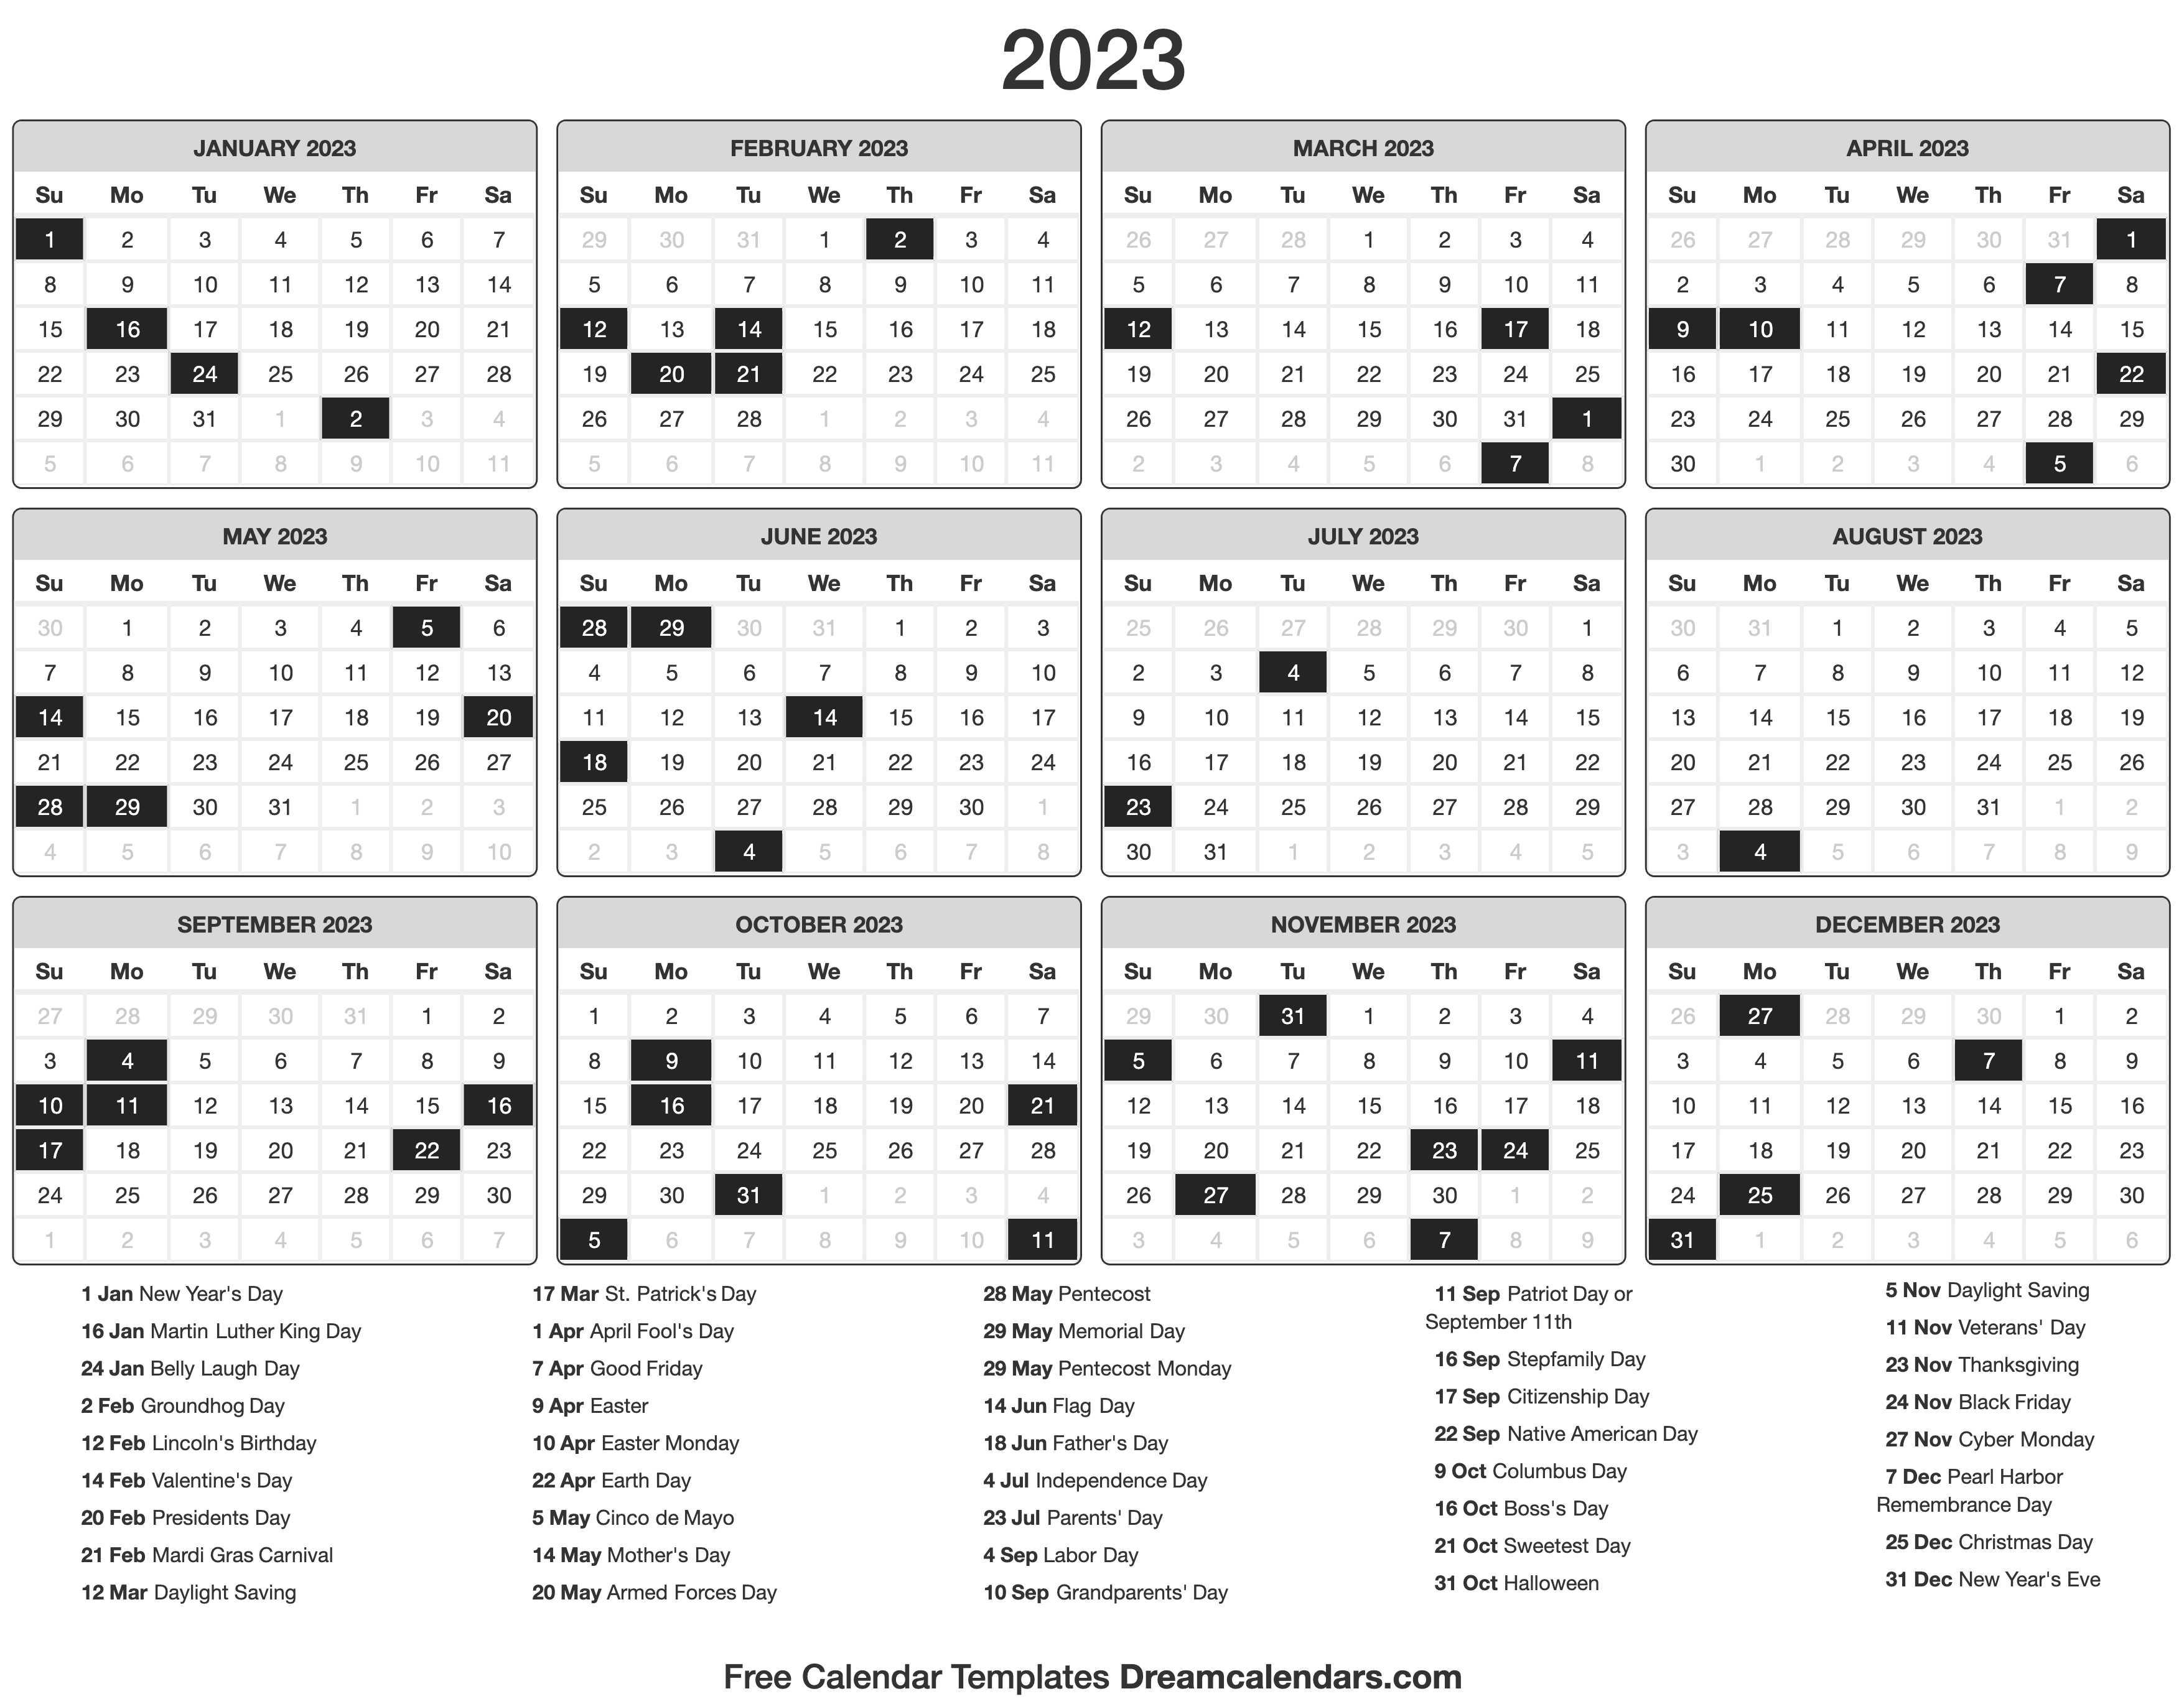 Uci 2022 2023 Calendar.2023 Calendar